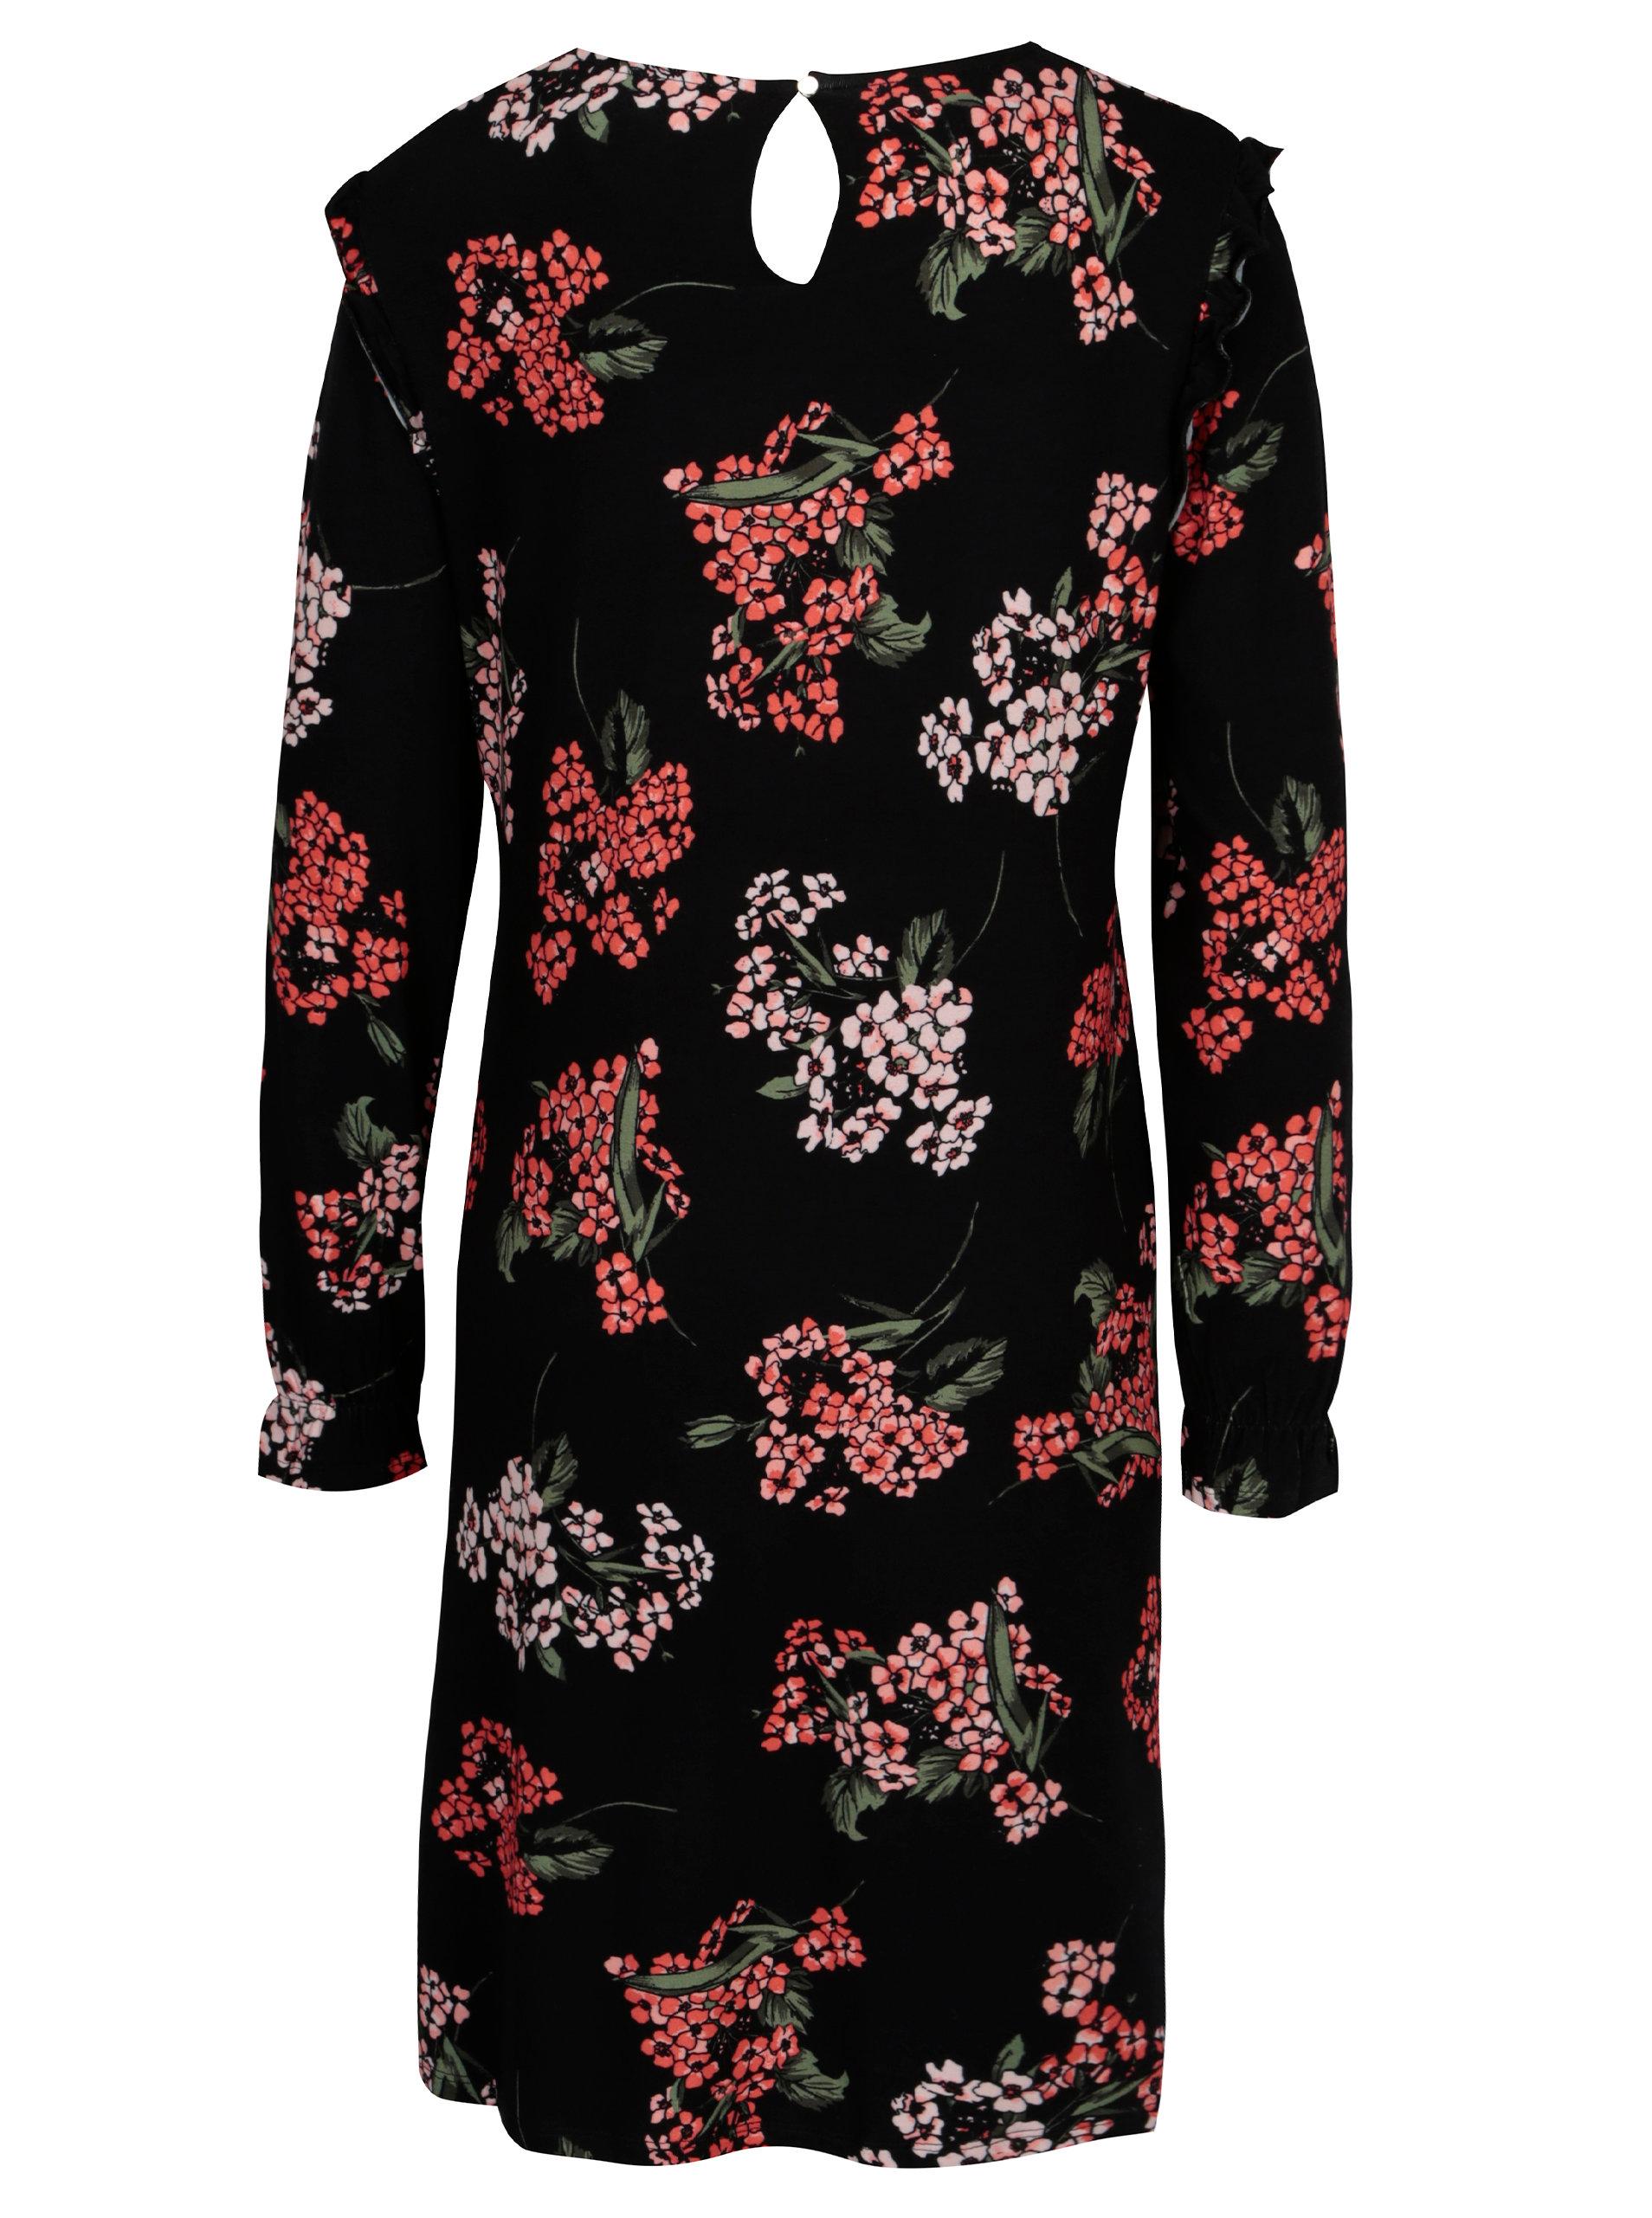 78c6e9674f71 Čierne kvetované tehotenské šaty s dlhým rukávom Dorothy Perkins Maternity  ...